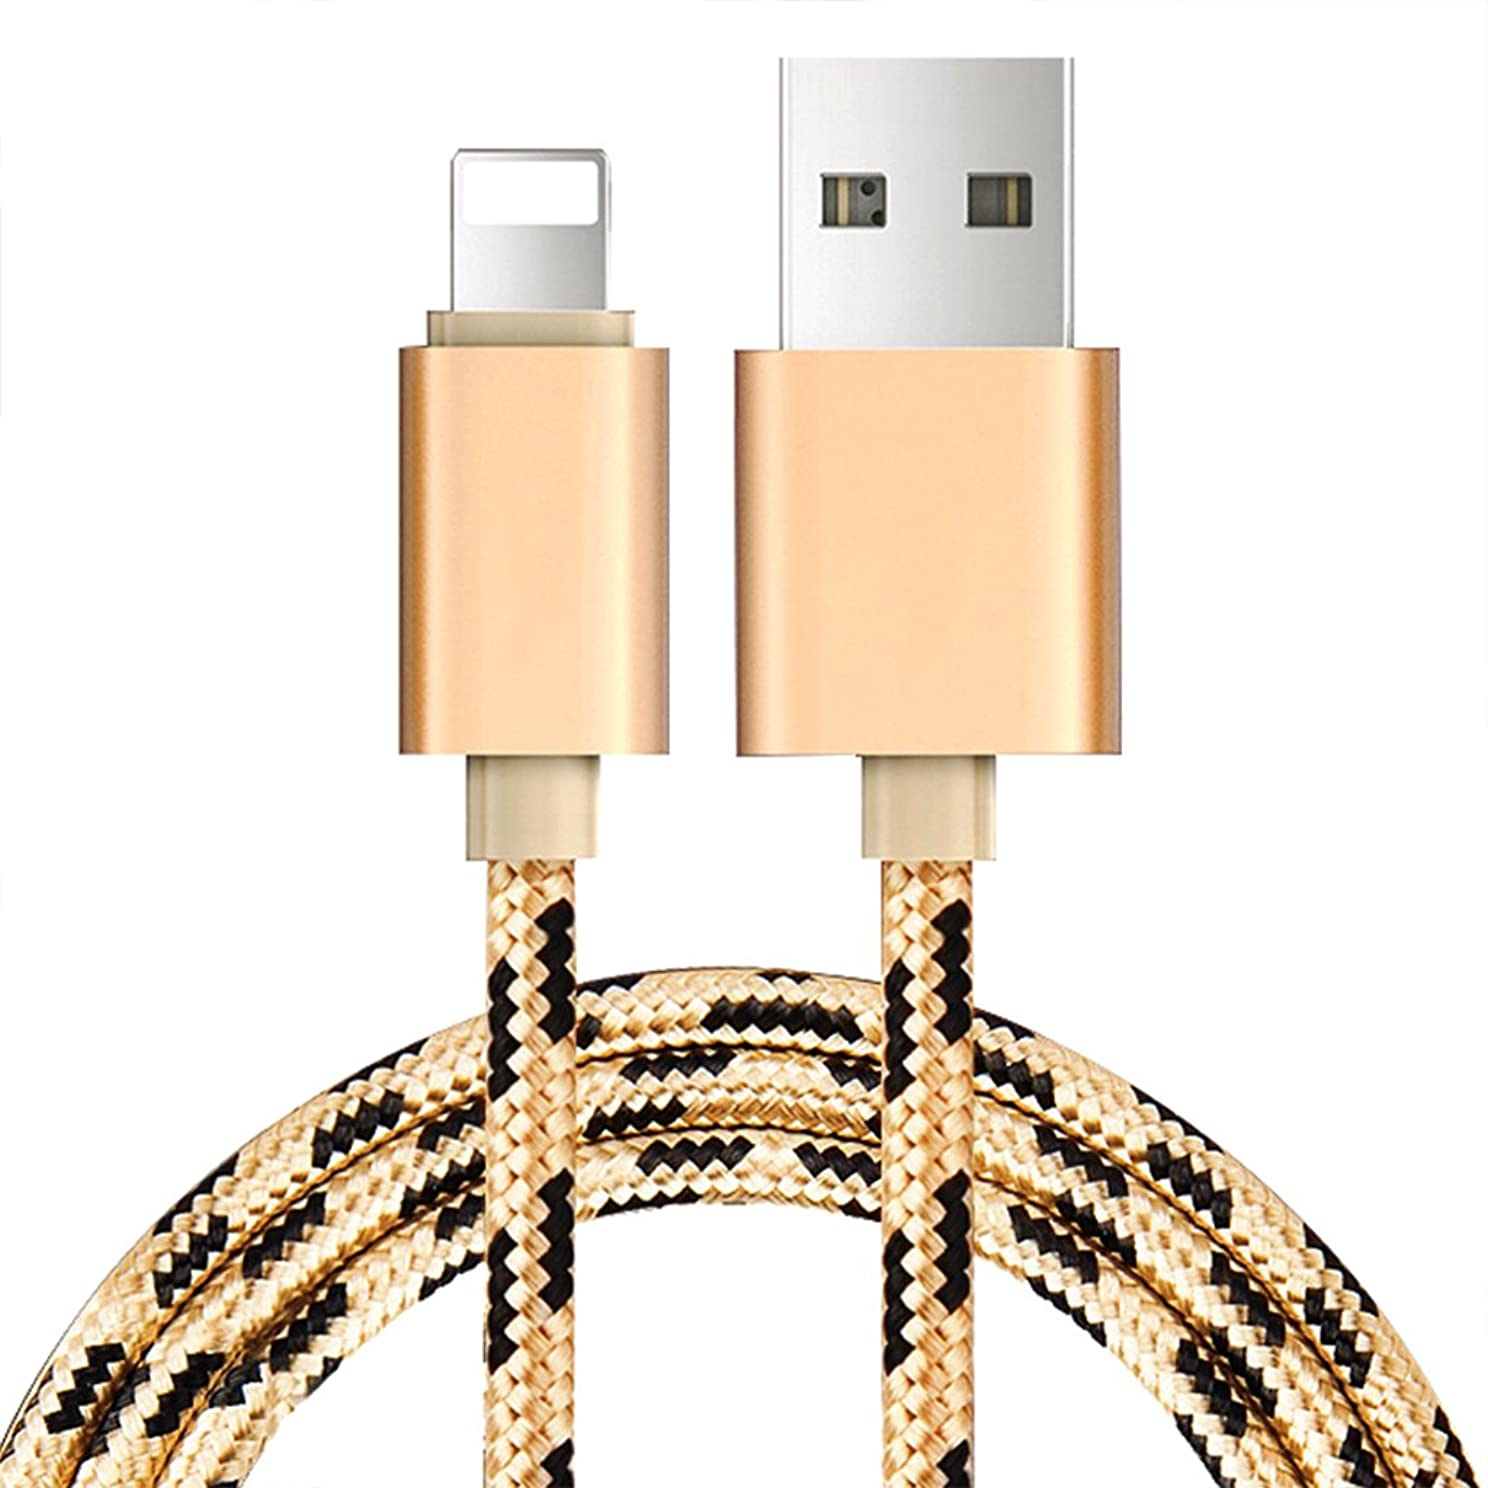 港それにもかかわらず寸法Crux ライトニング ケーブル USB充電ケーブル 高耐久ナイロン iPhone充電ケーブル クイック充電 ケーブルの同期とUSB充電ケーブル iPhone/iPod/iPad 各種対応対応 (1.5M, ブラック/ゴールデン)